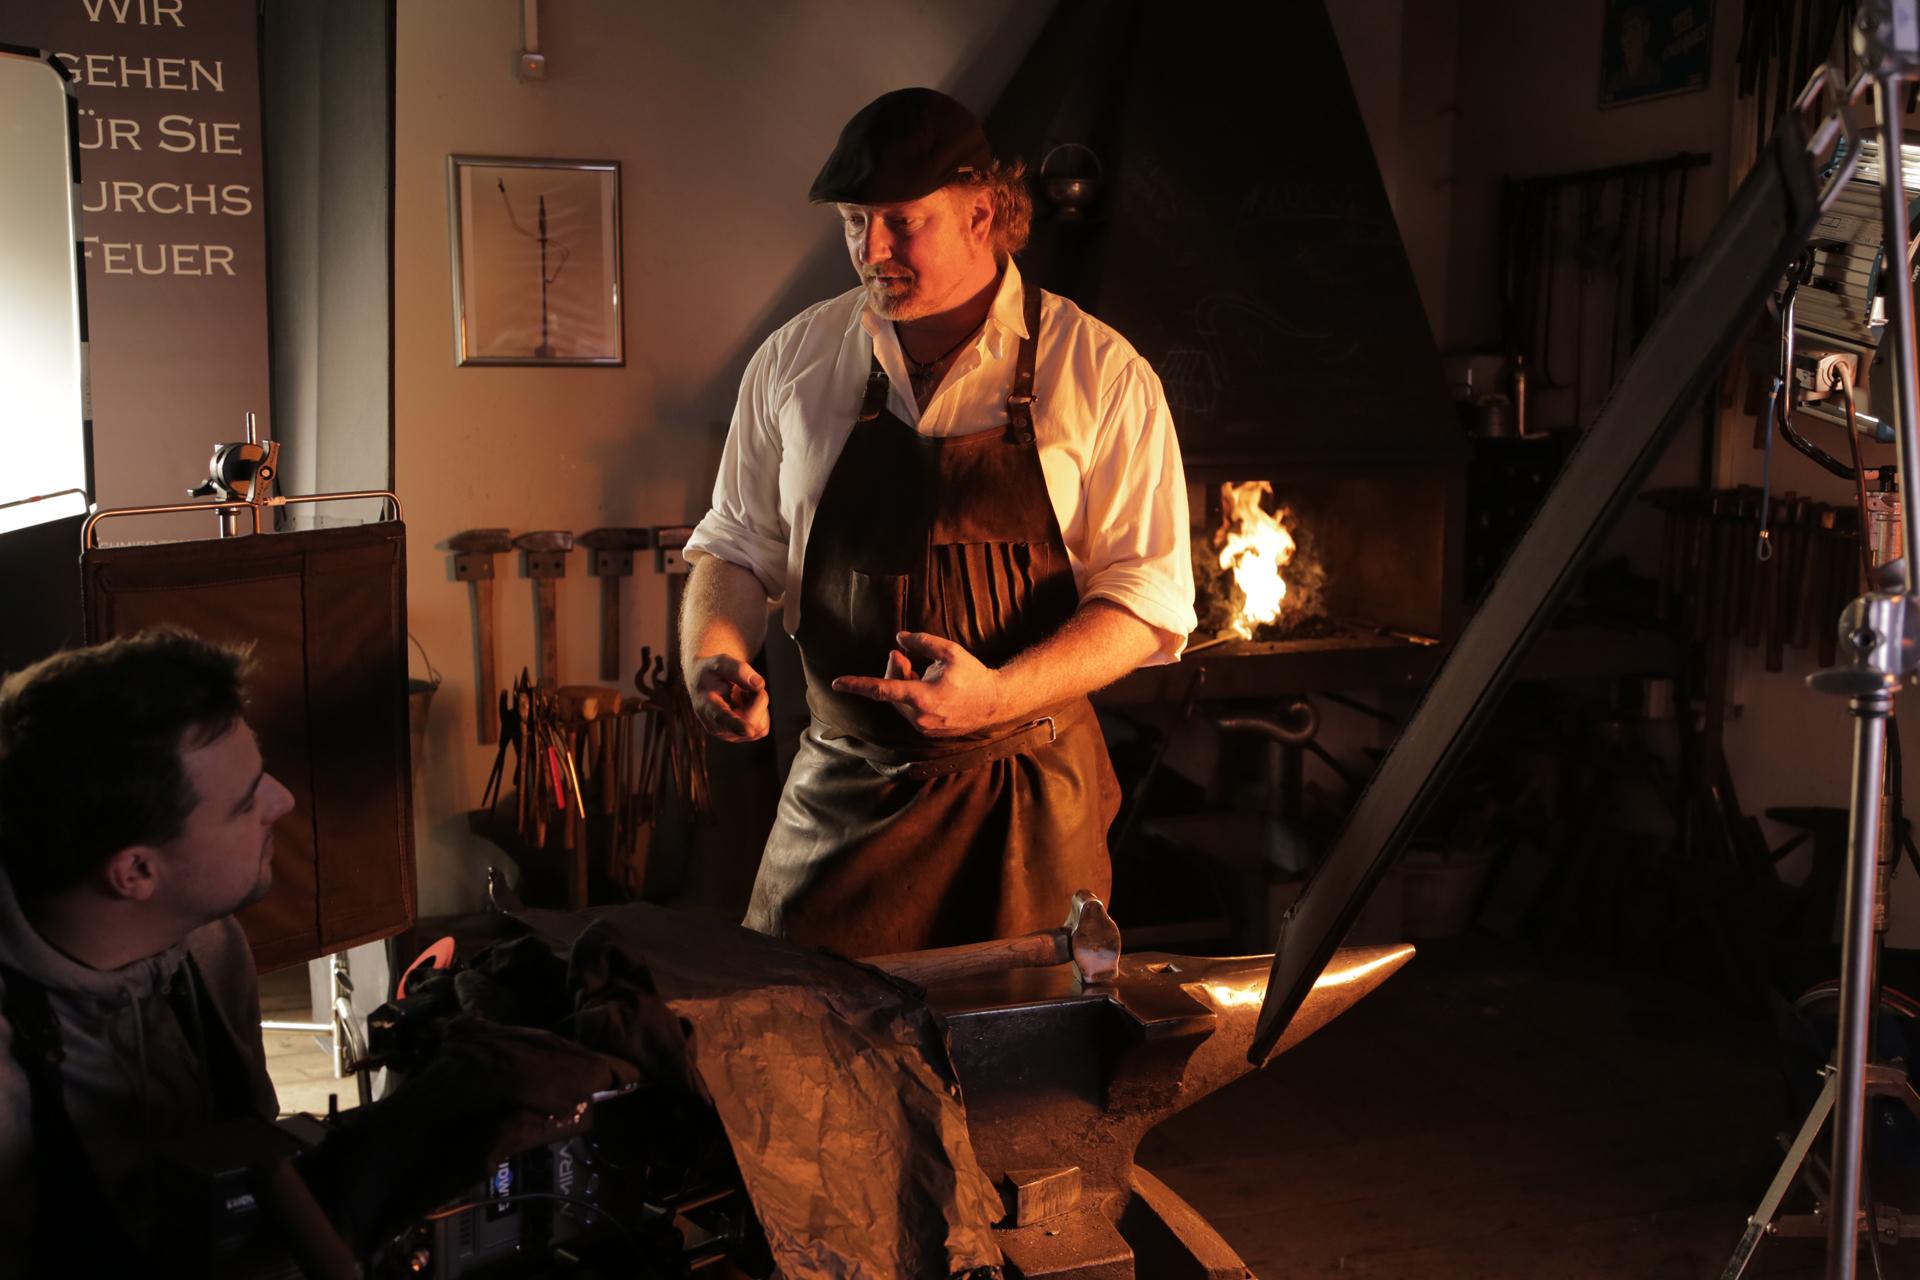 shooting, dreh, making of, behind the scenes, regie,  direction